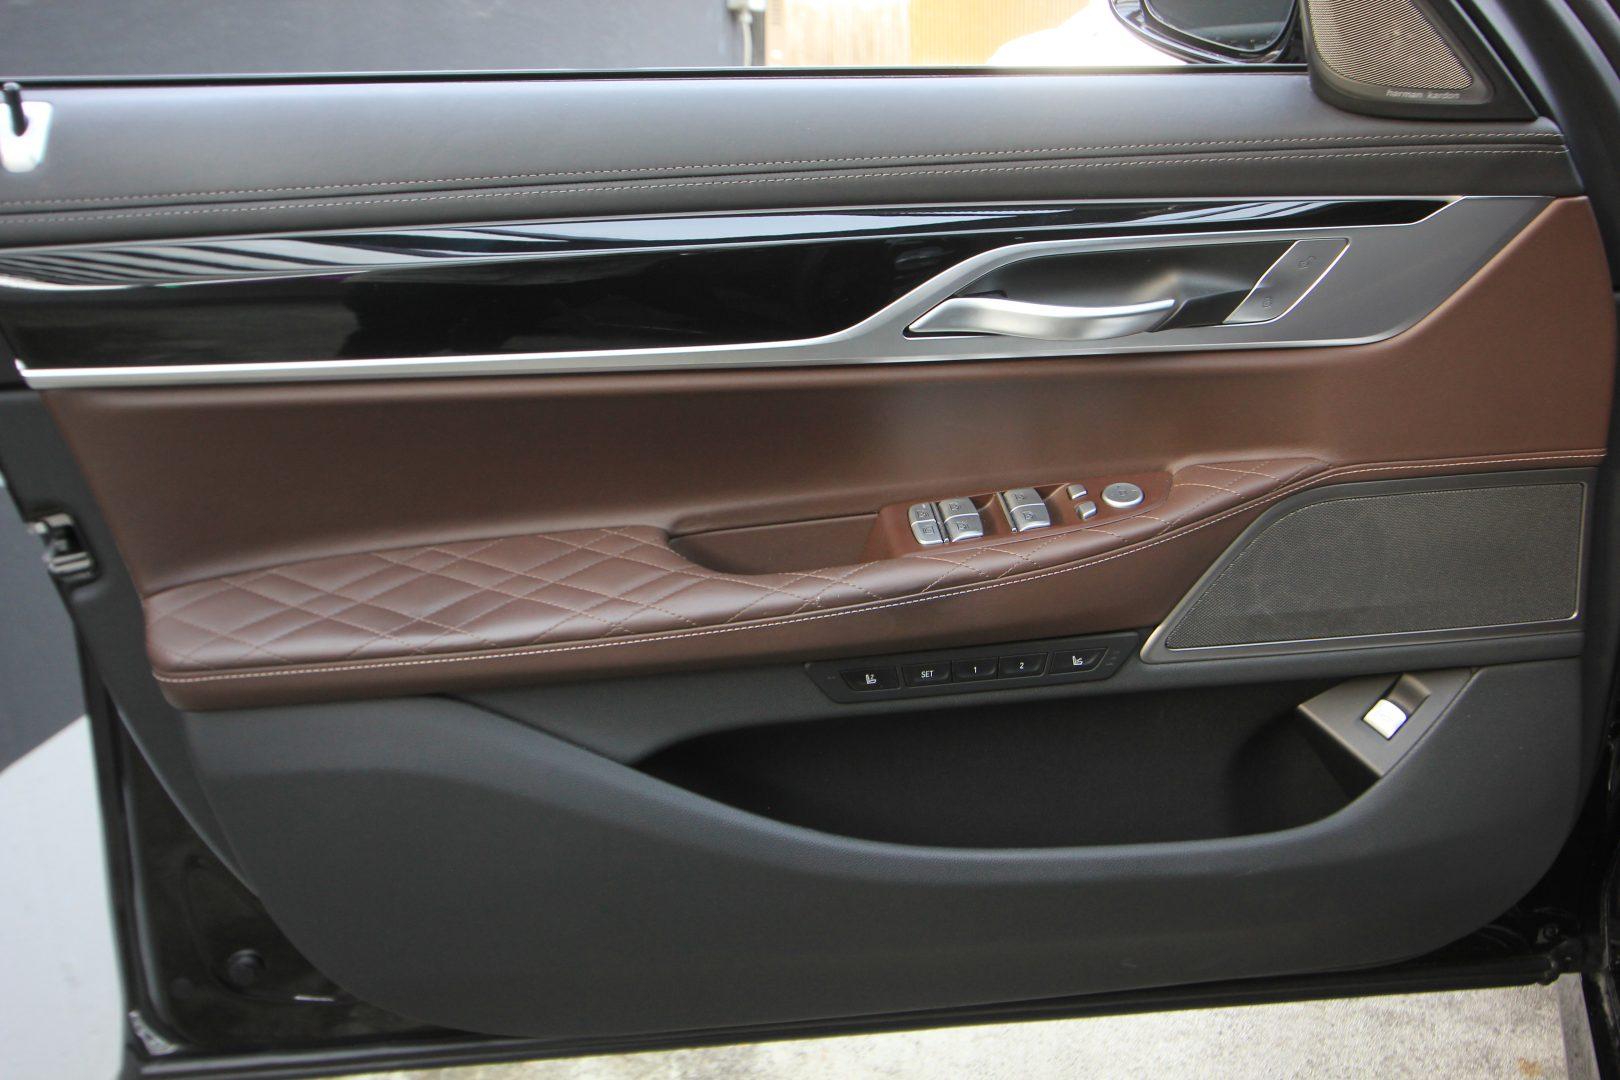 AIL BMW 730Ld xDrive M Paket Laser  1